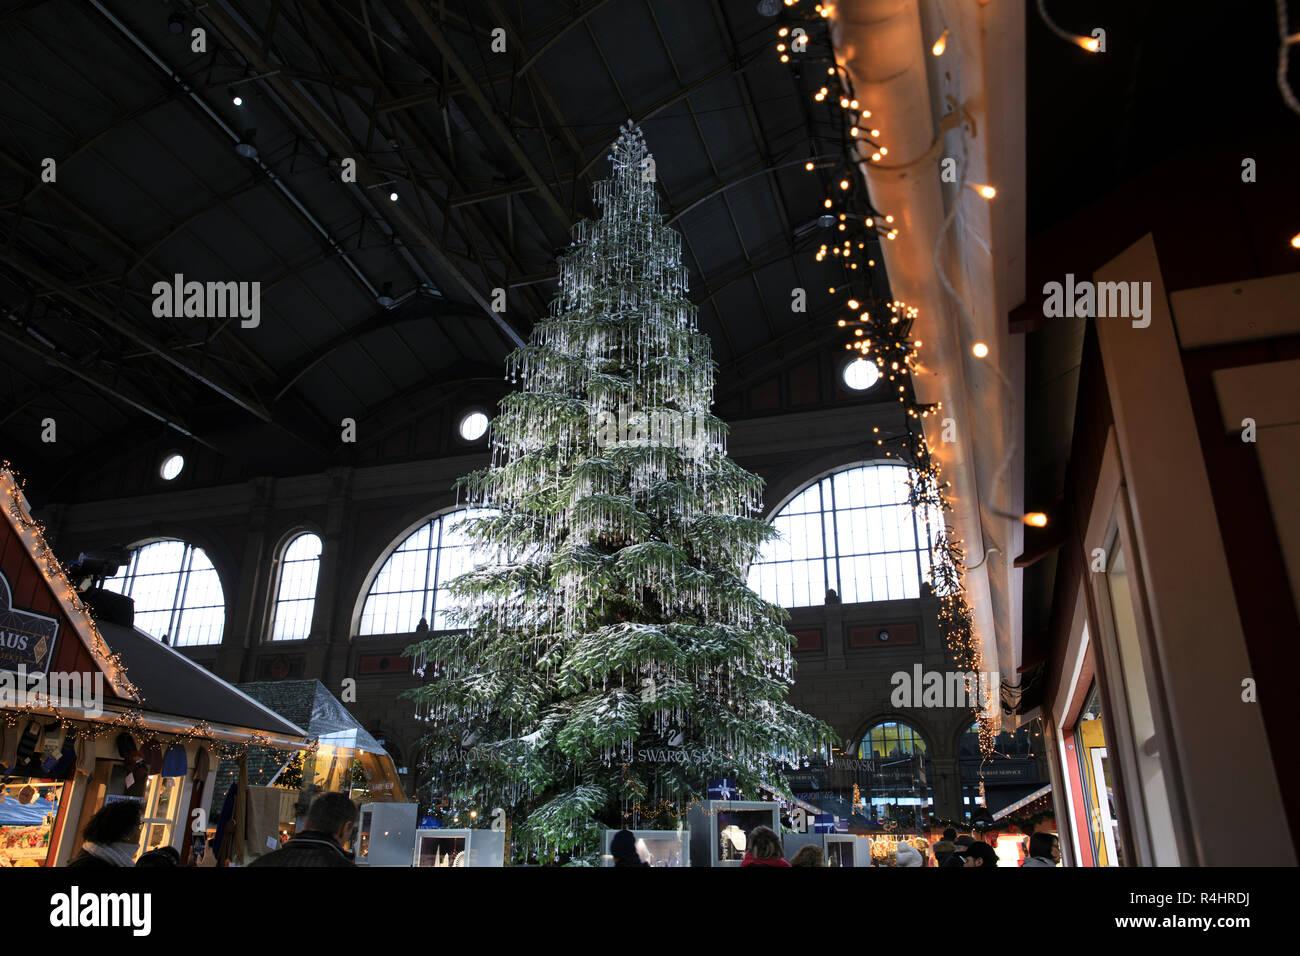 Weihnachtsmarkt Zürich.Ein Riesiger Weihnachtsbaum Drapiert Mit Swarovski Schmuck Die